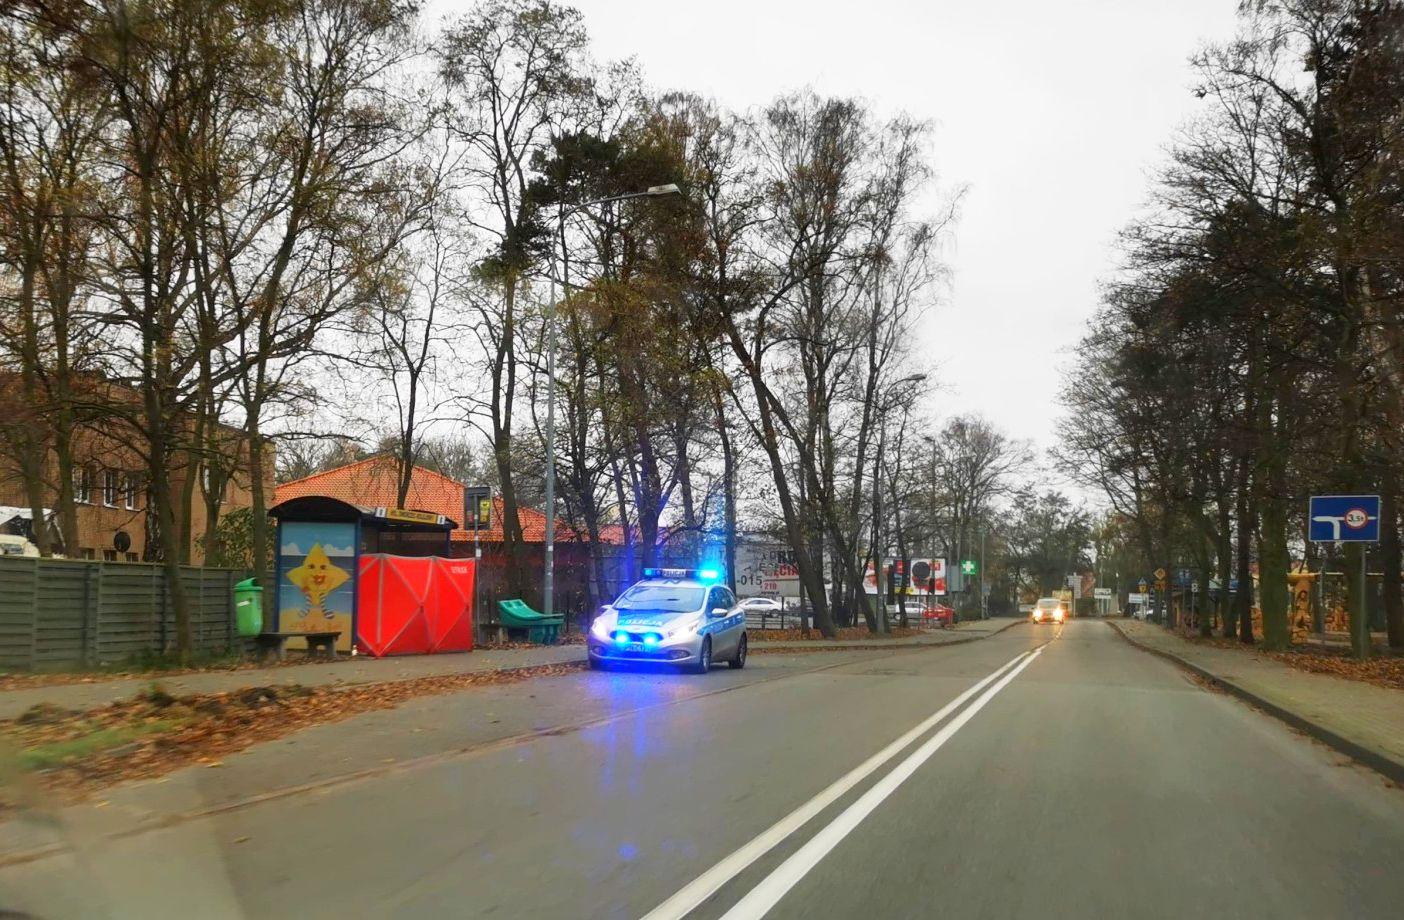 Hel: śmierć na przystanku autobusowym. Zmarł 65-letni mieszkaniec Półwyspu Helskiego | Nadmorska Kronika Policyjna